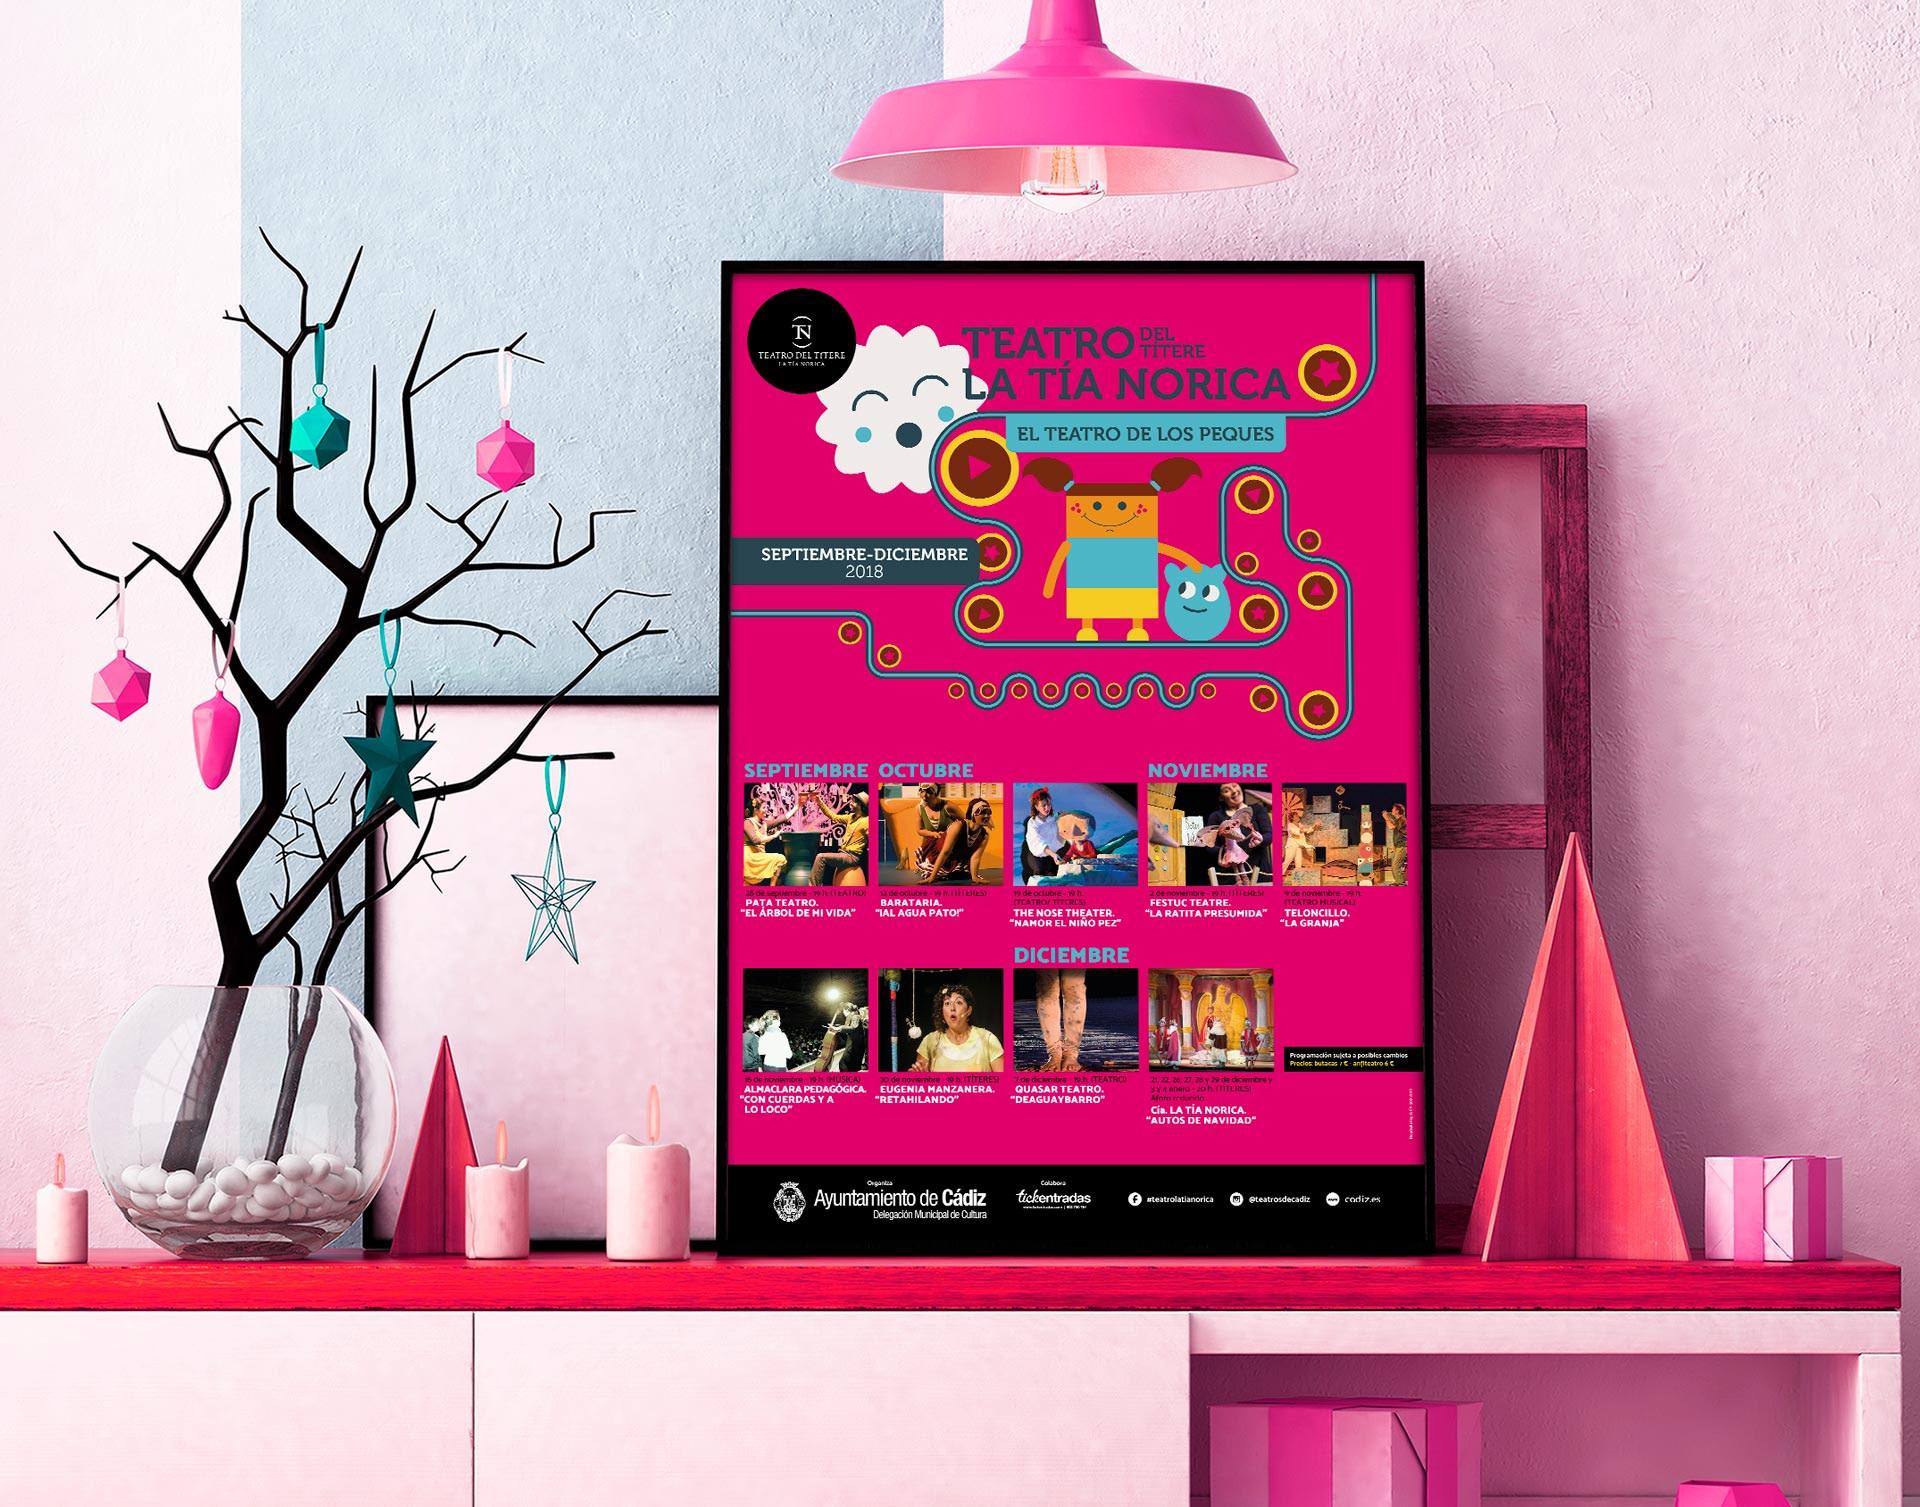 Cartel - campaña de publicidad - Teatro del Títere - La Tía Norica (Septiembre - Diciembre 2018)